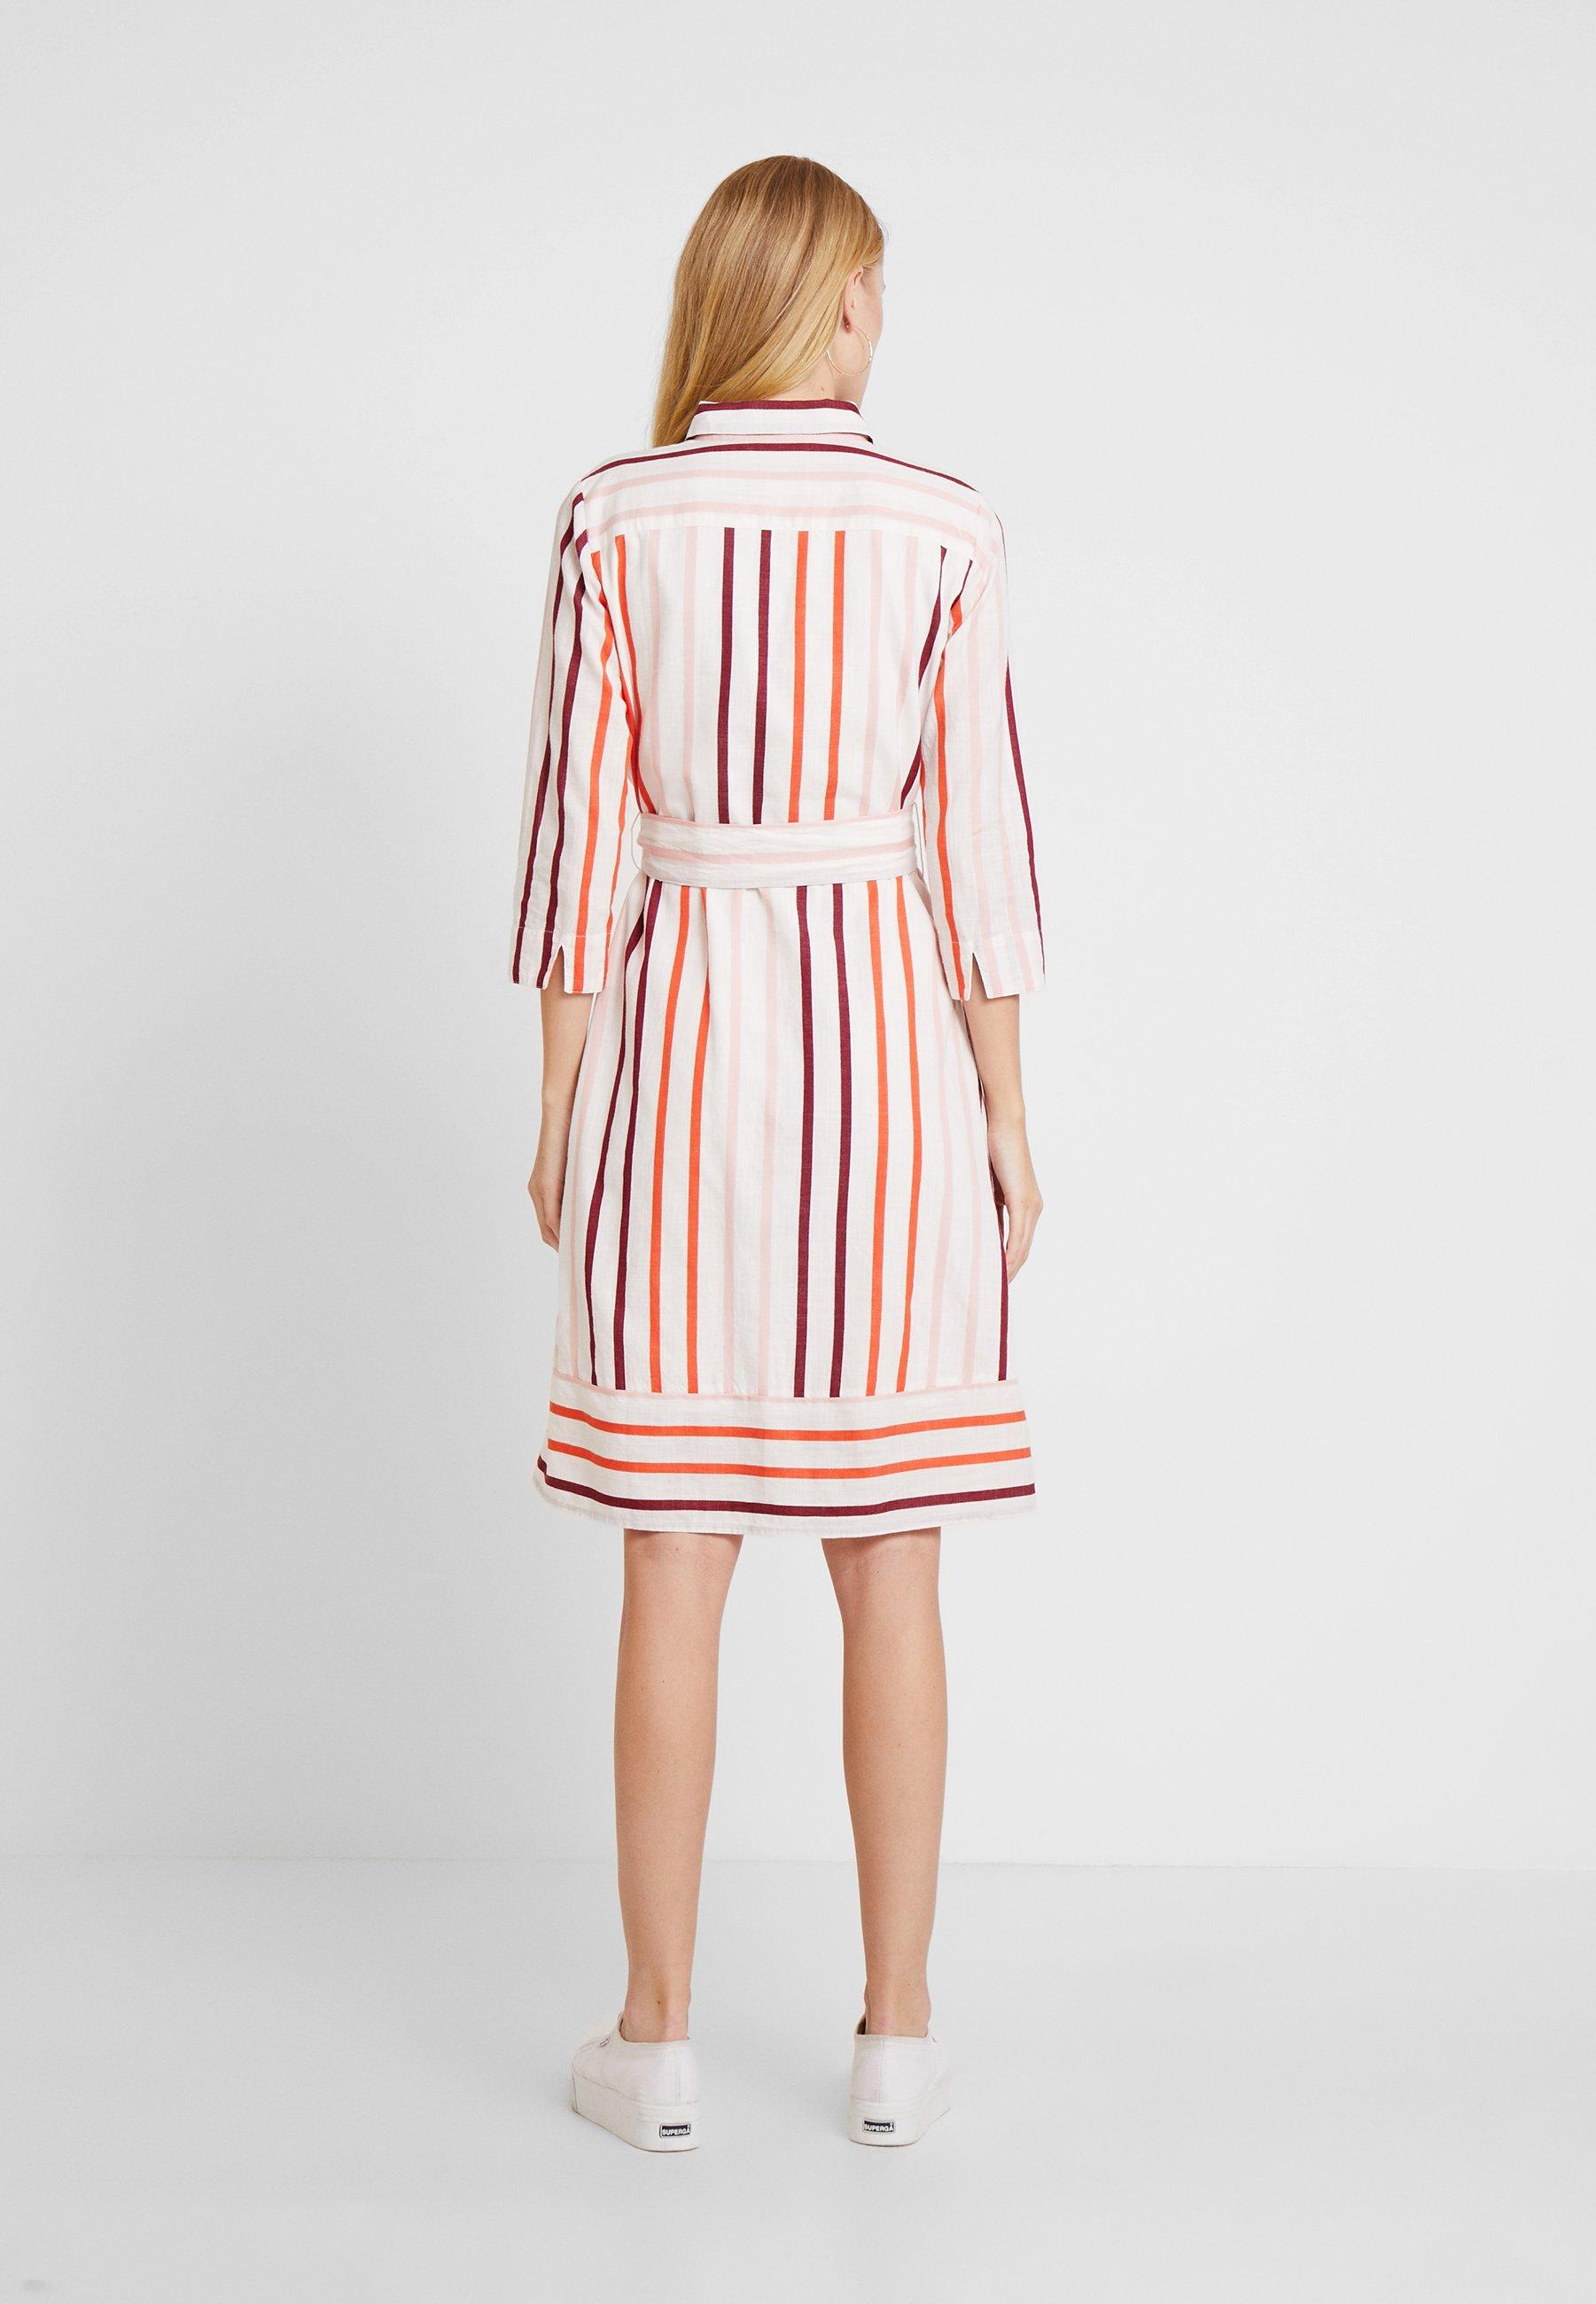 Dress Chemise Offwhite Tom Tailor StripeRobe qUMVpGSzL